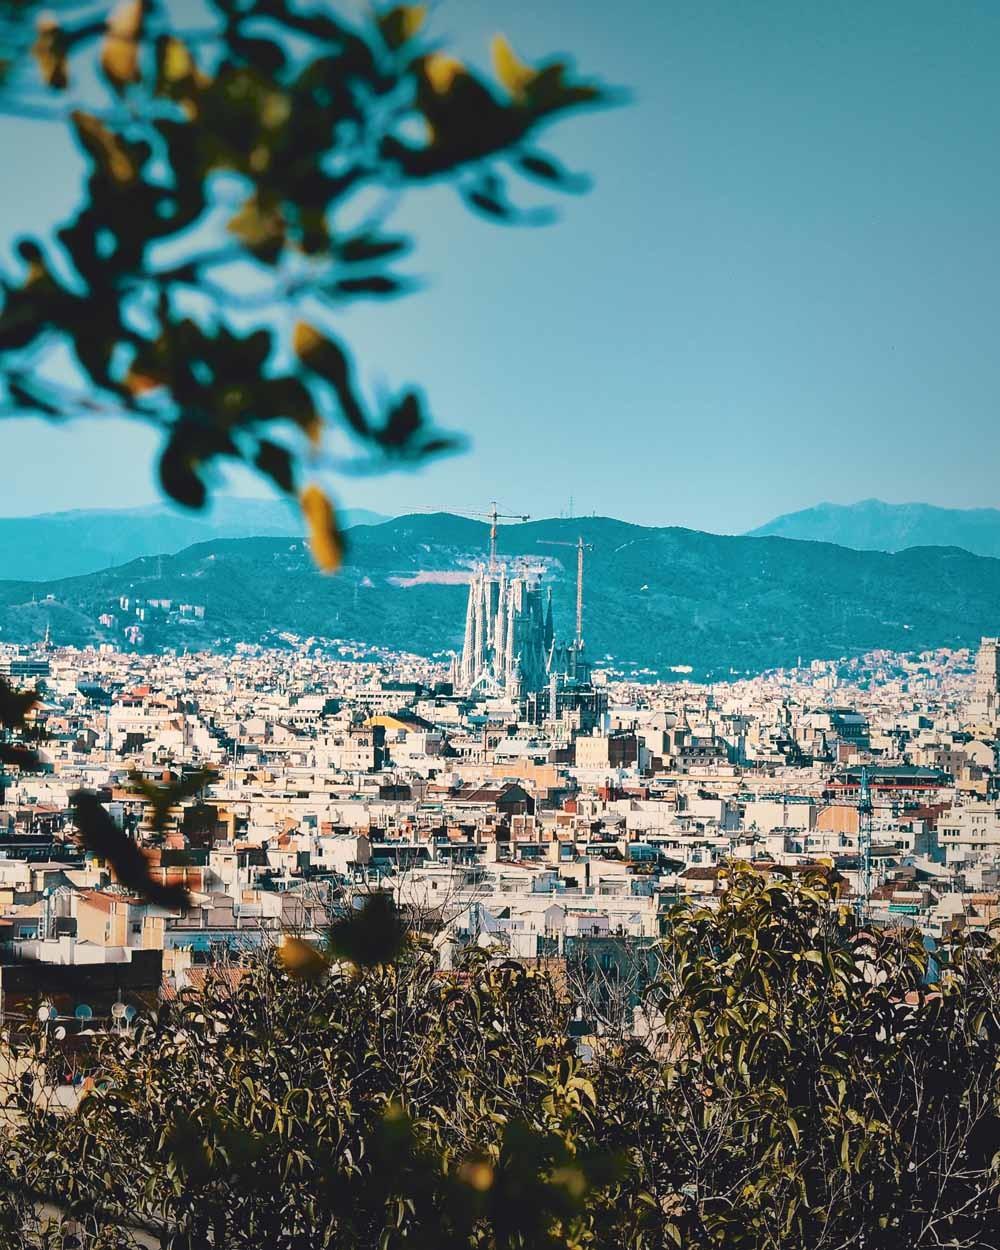 De Sagrada Familia, slechts één blok van het hotel verwijderd, neem ik voor kennisgeving aan. Voorbeeldtoeristen moeten de grootste drukte vermijden.  © Lucas Neves / Unsplash